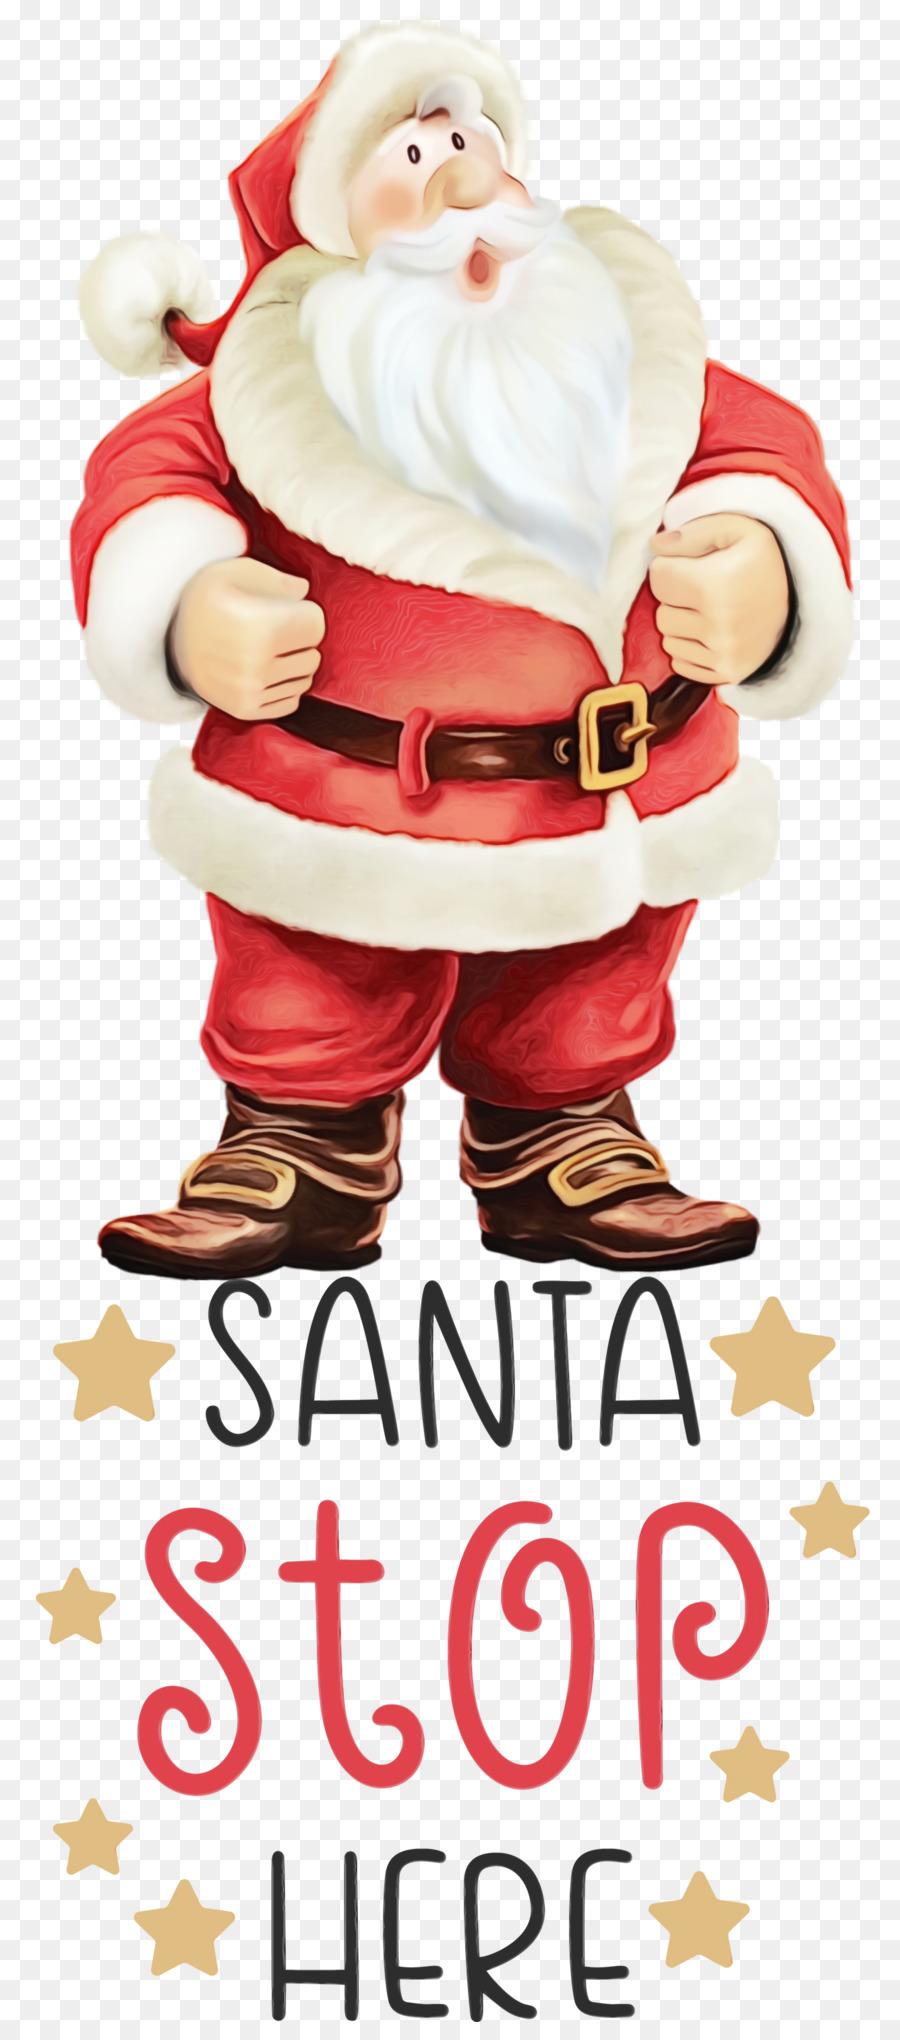 Descarga gratuita de Santa Claus, Christmas Day, La Señora Claus Imágen de Png